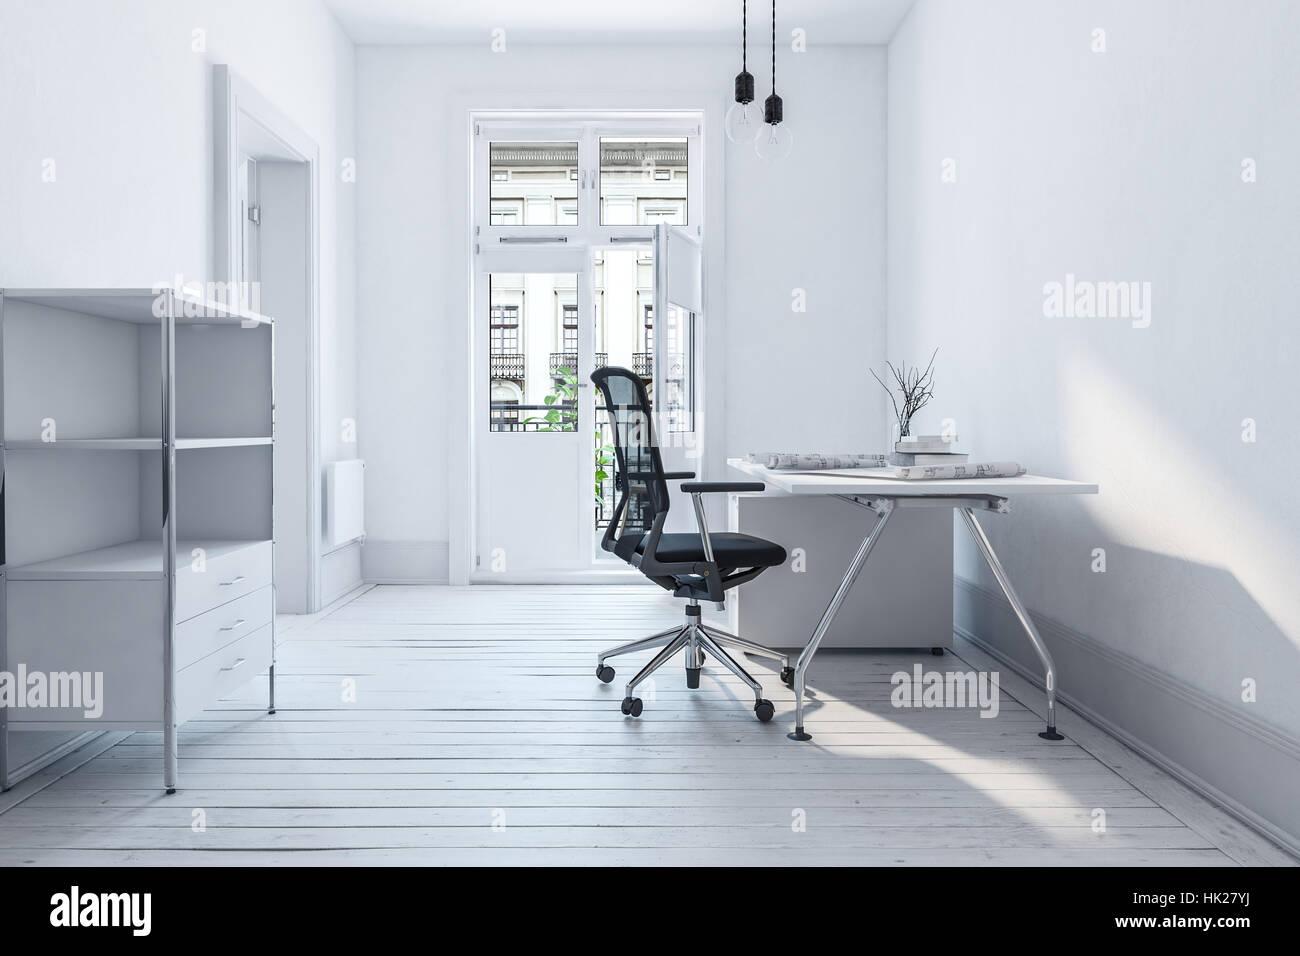 Scrivania e sedia per ufficio in una spaziosa camera con parquet